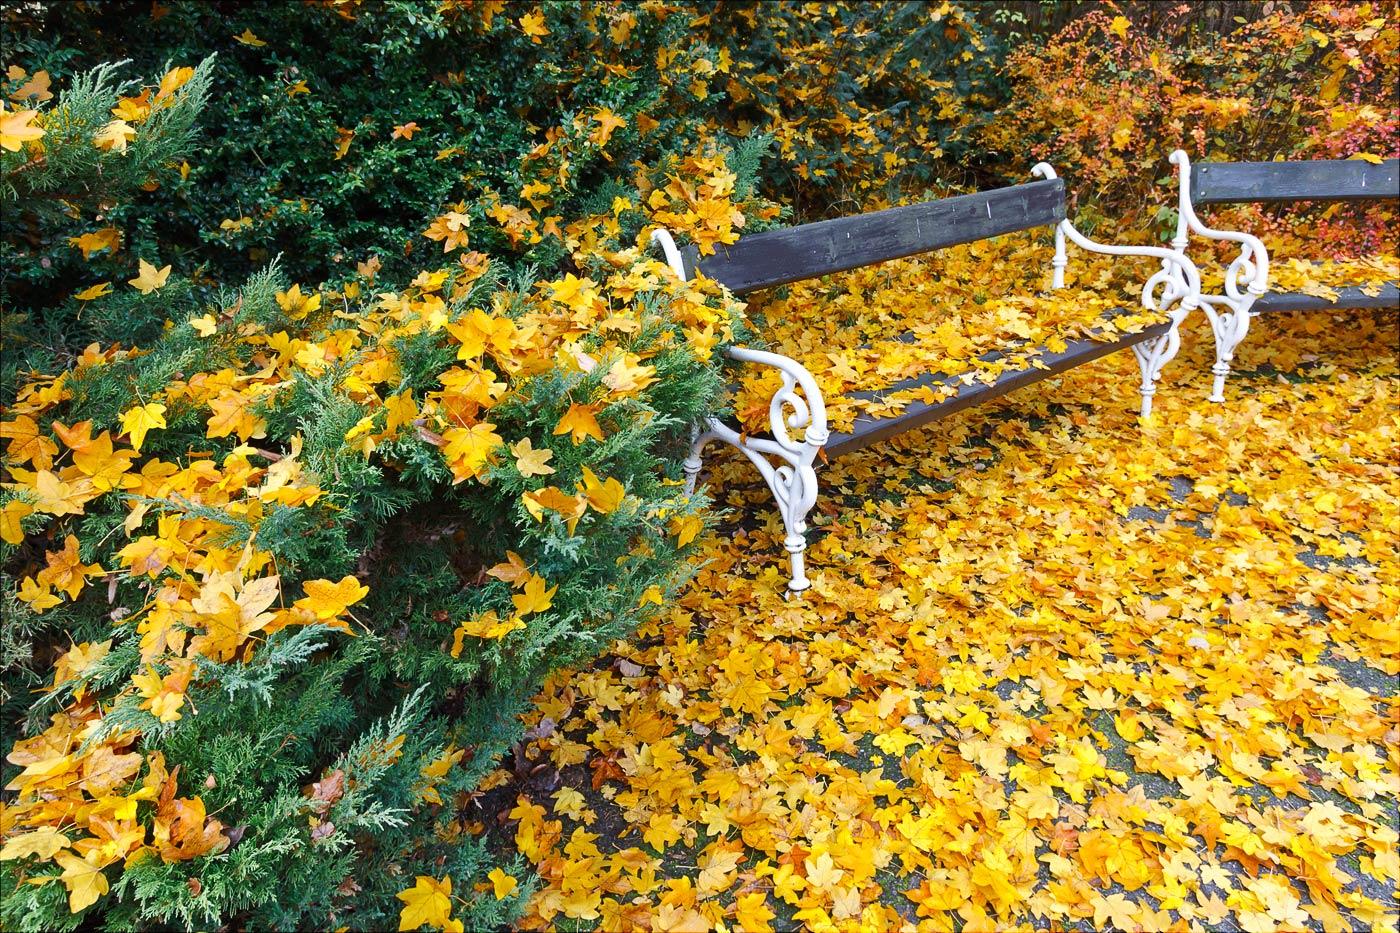 Листопад, поздняя осень в зоопарке Злин, Чехия